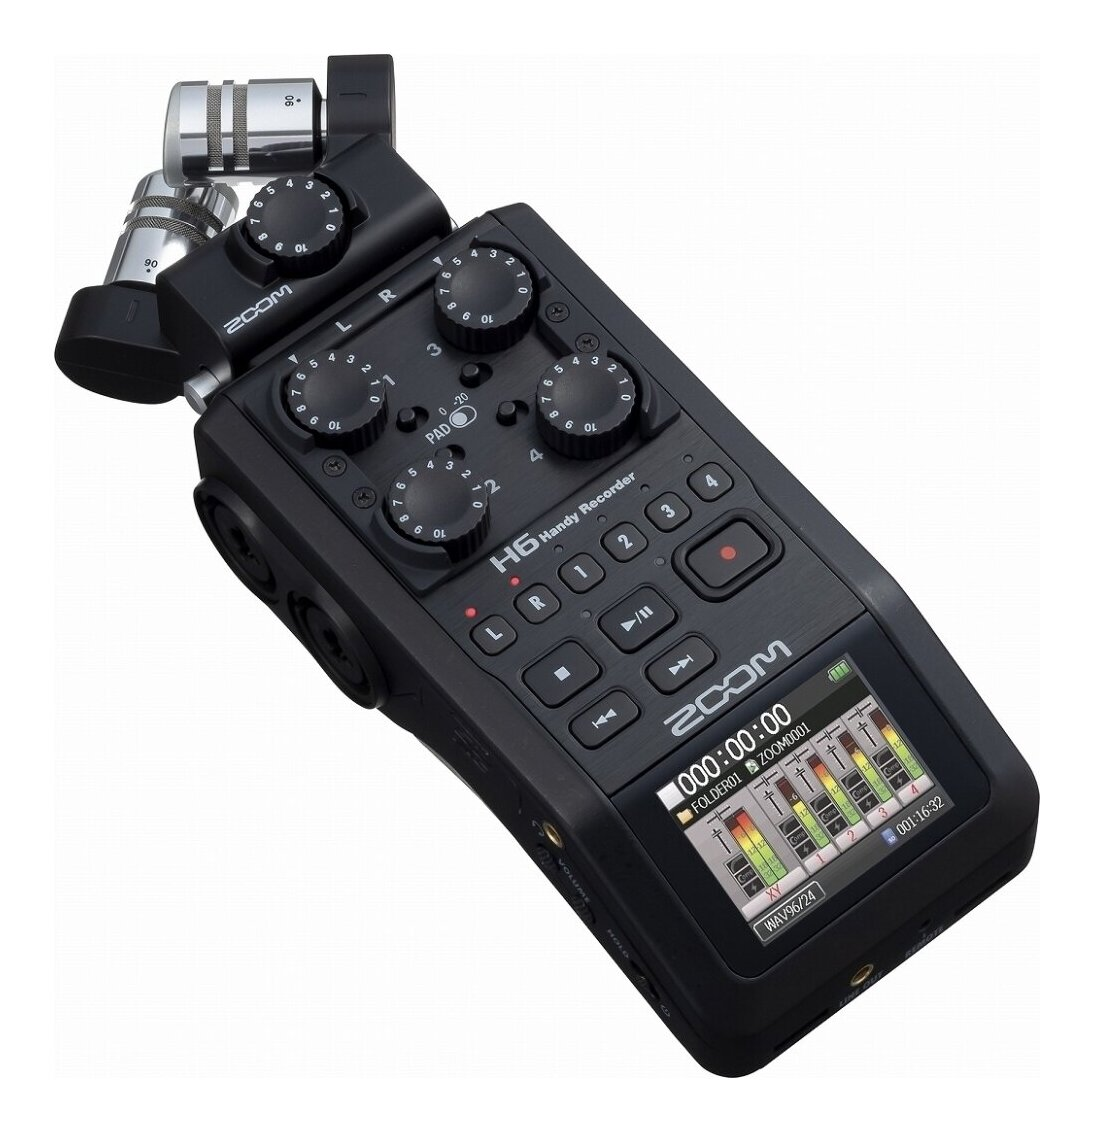 ZOOM H6/BLK マイク交換ハンディレコーダー ブラック·エディション【ポイント5倍】【送料無料】【smtb-TK】